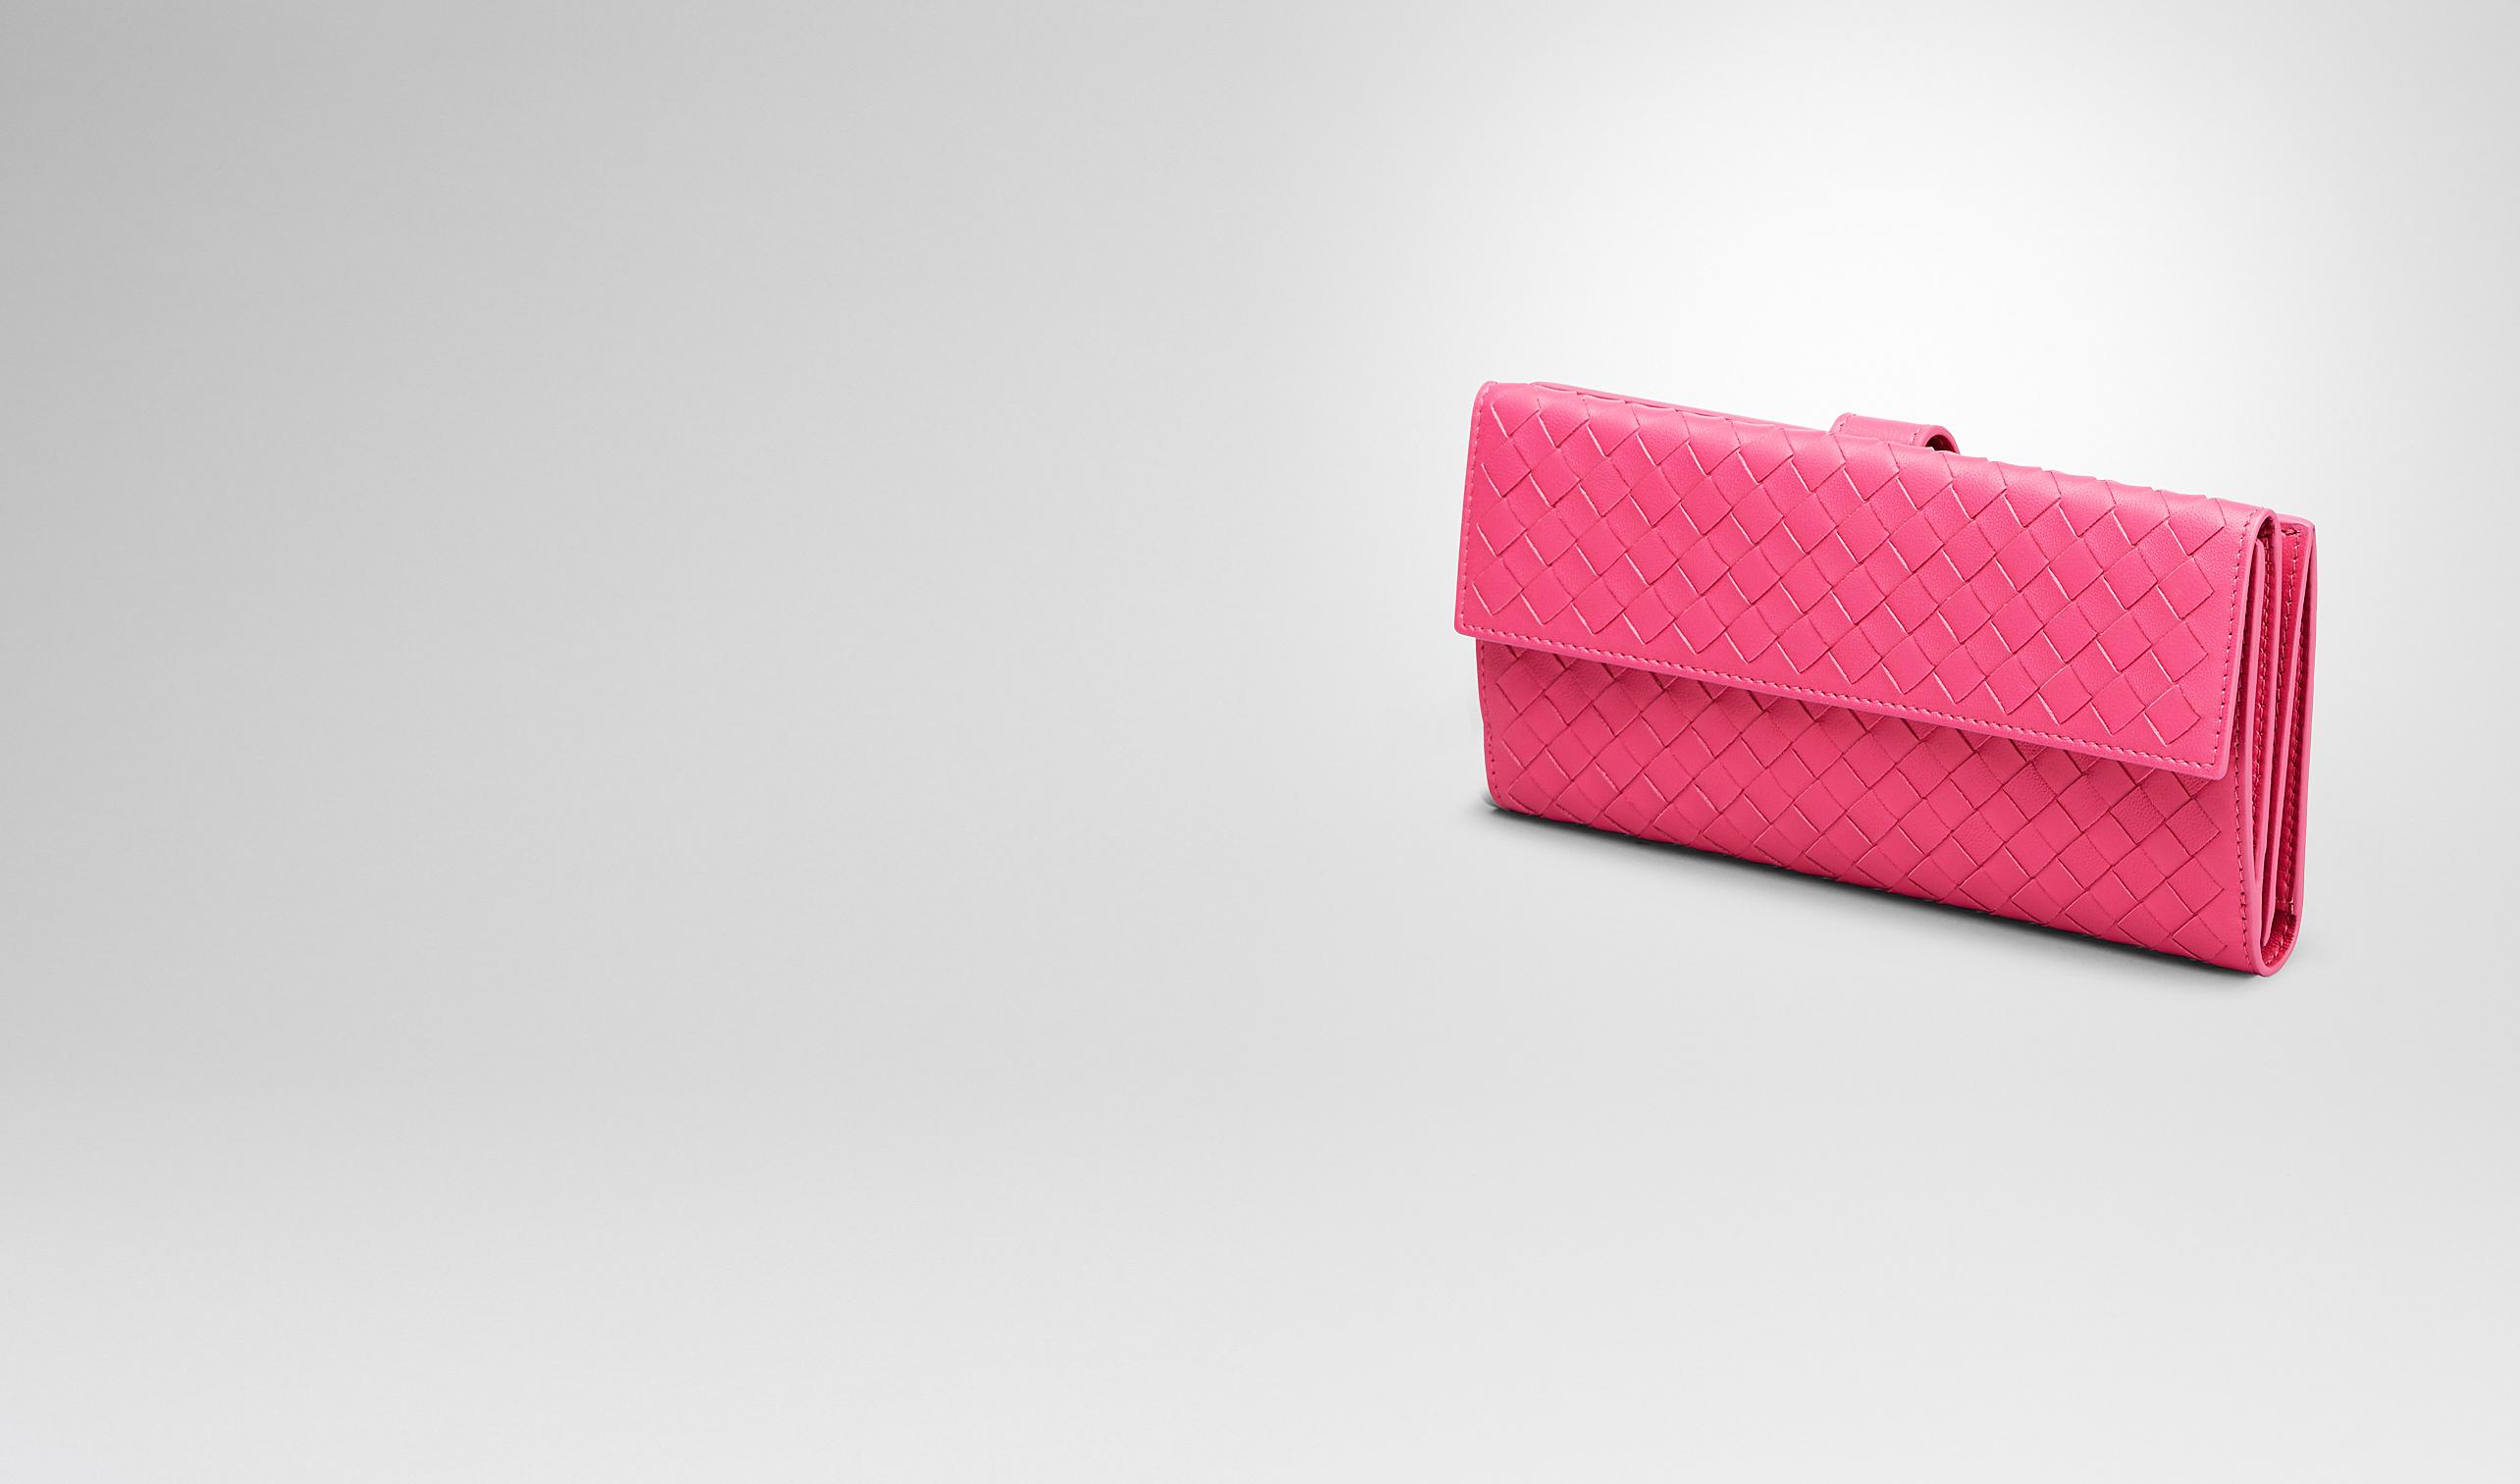 BOTTEGA VENETA Continental Wallet D Rosa Shock Intrecciato Nappa Continental Wallet pl